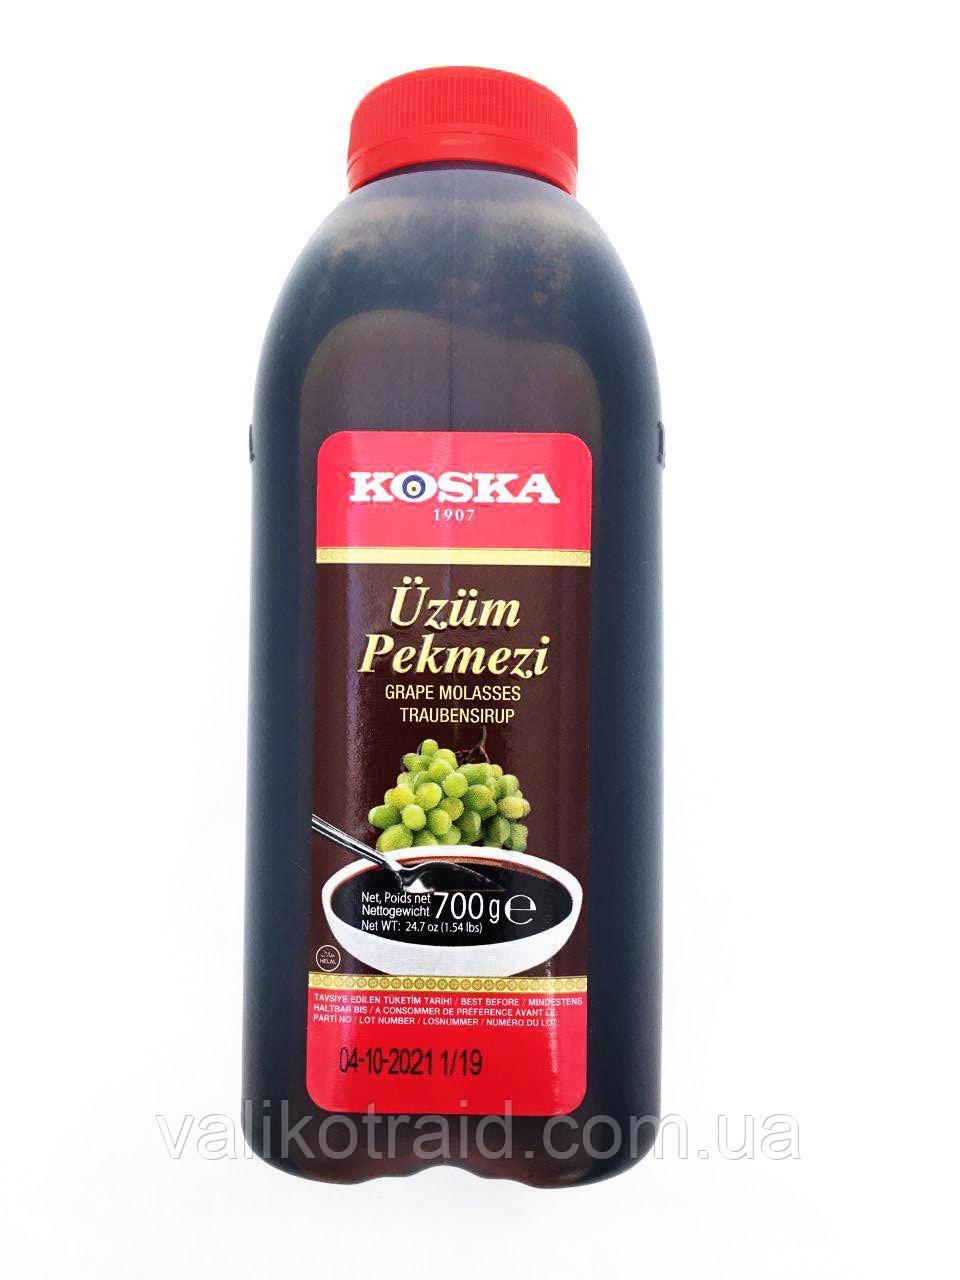 Пекмез KOSKA ( виноградний сироп - патока) пластик 700 гр для вагітних , веган,